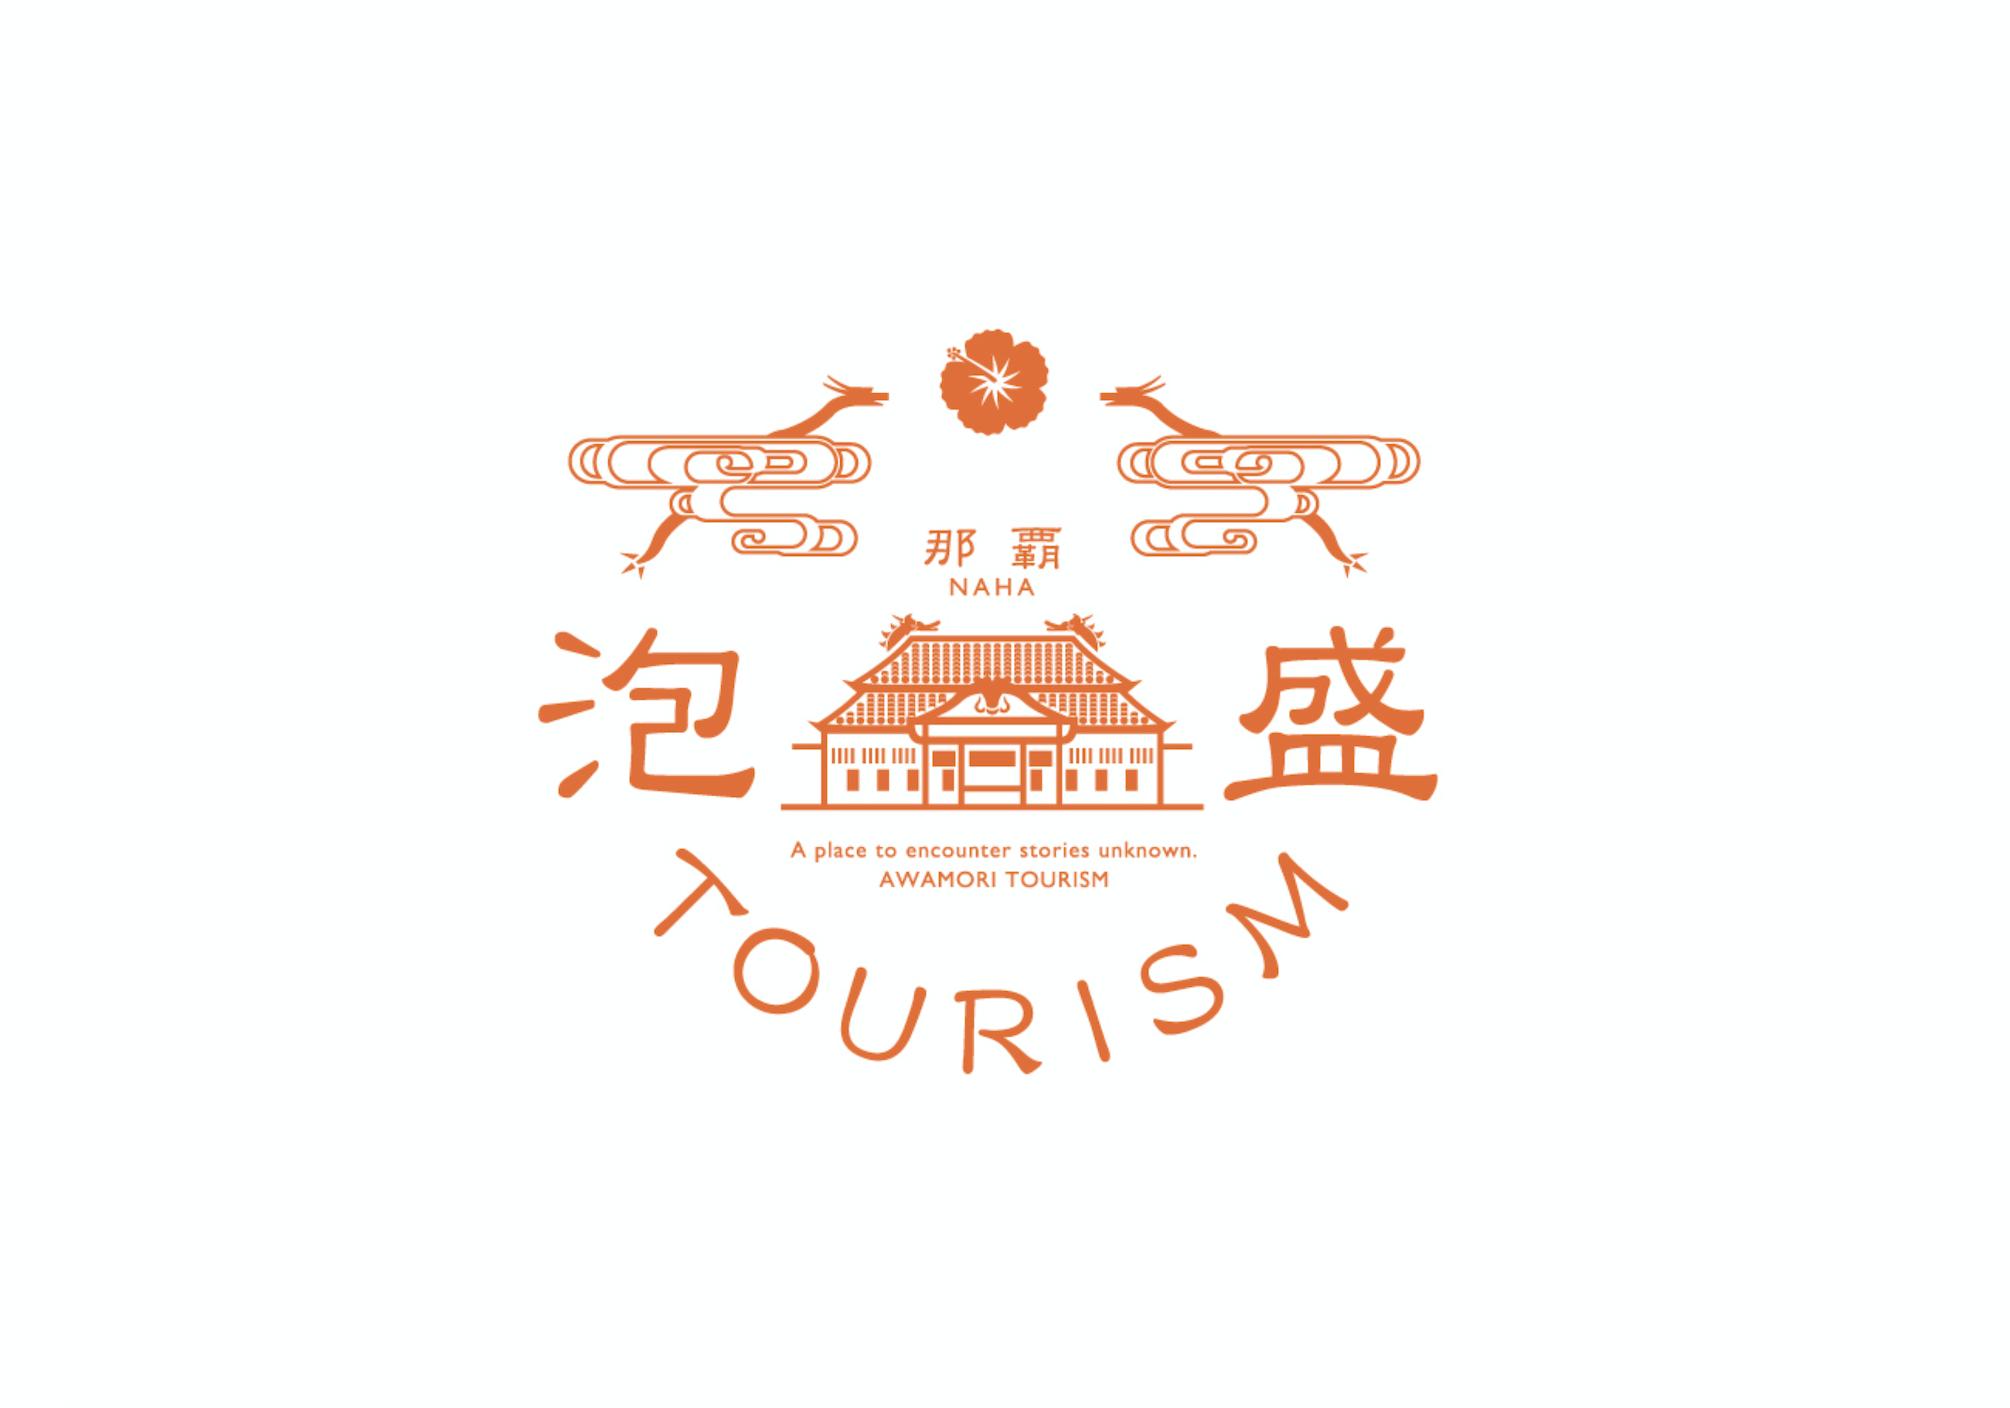 沖縄県酒造組合